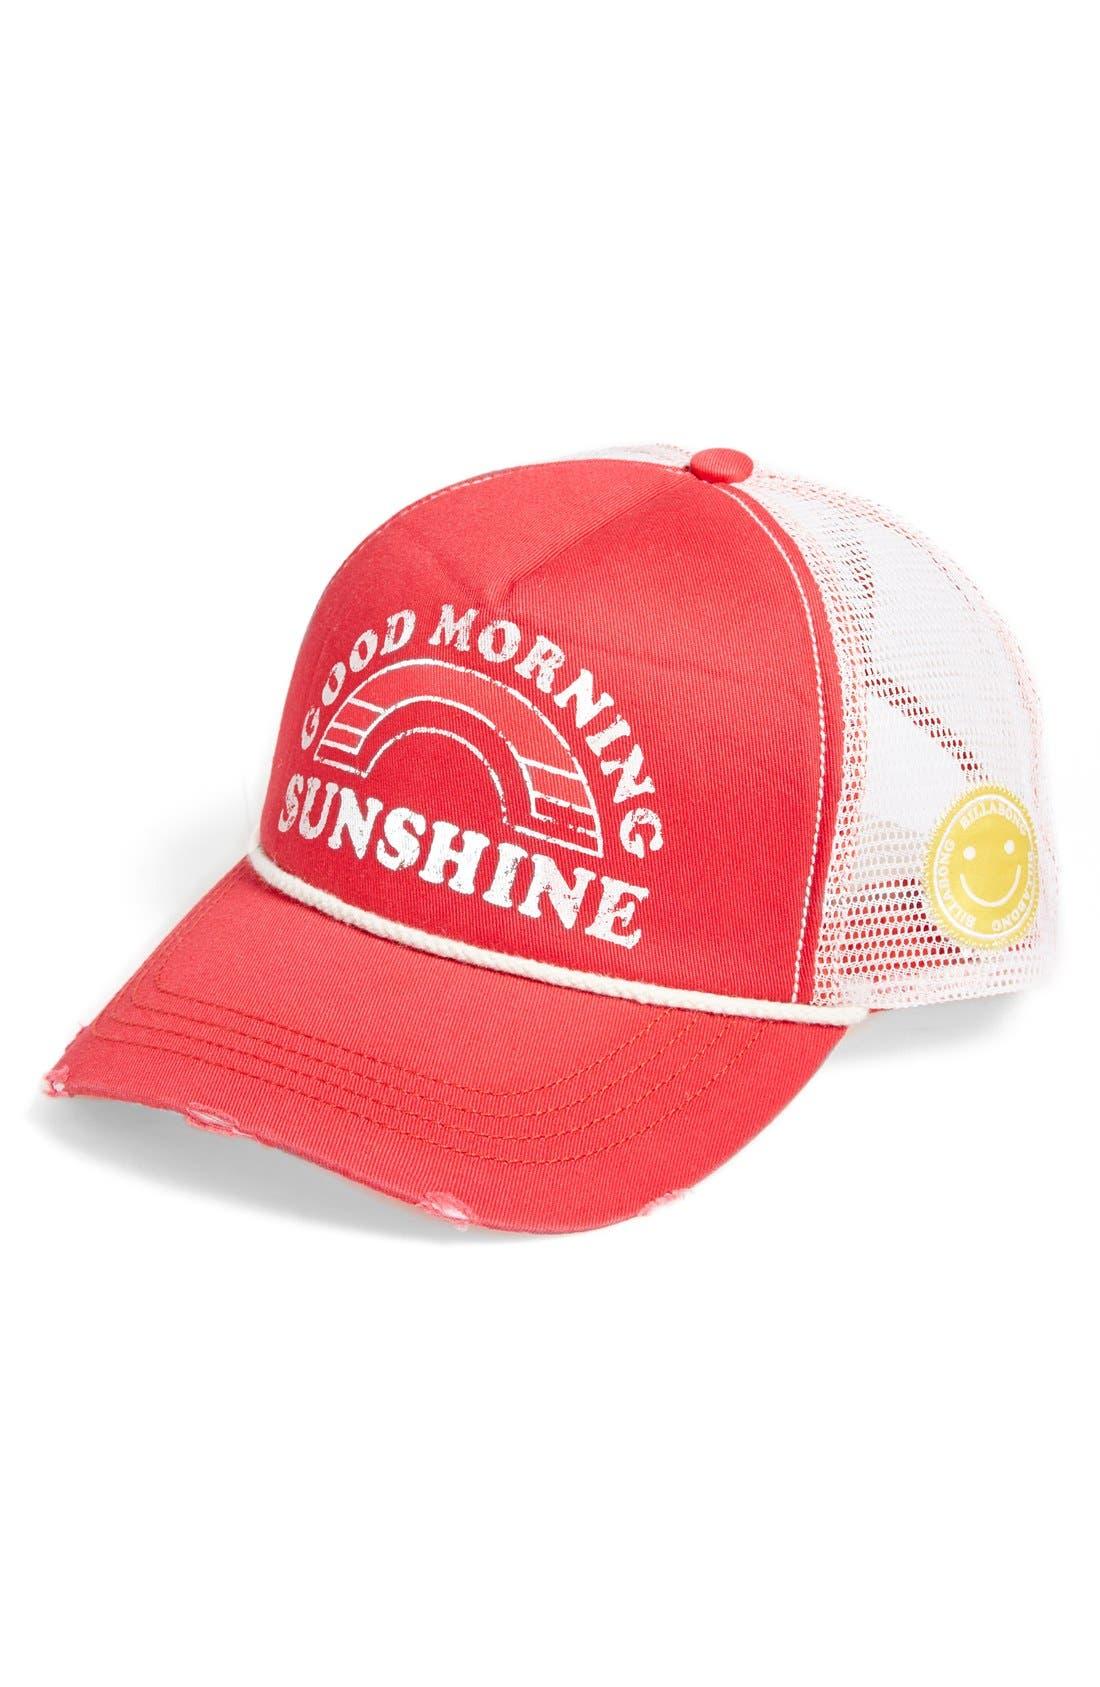 Alternate Image 1 Selected - Billabong 'Good Morning Sunshine' Trucker Hat